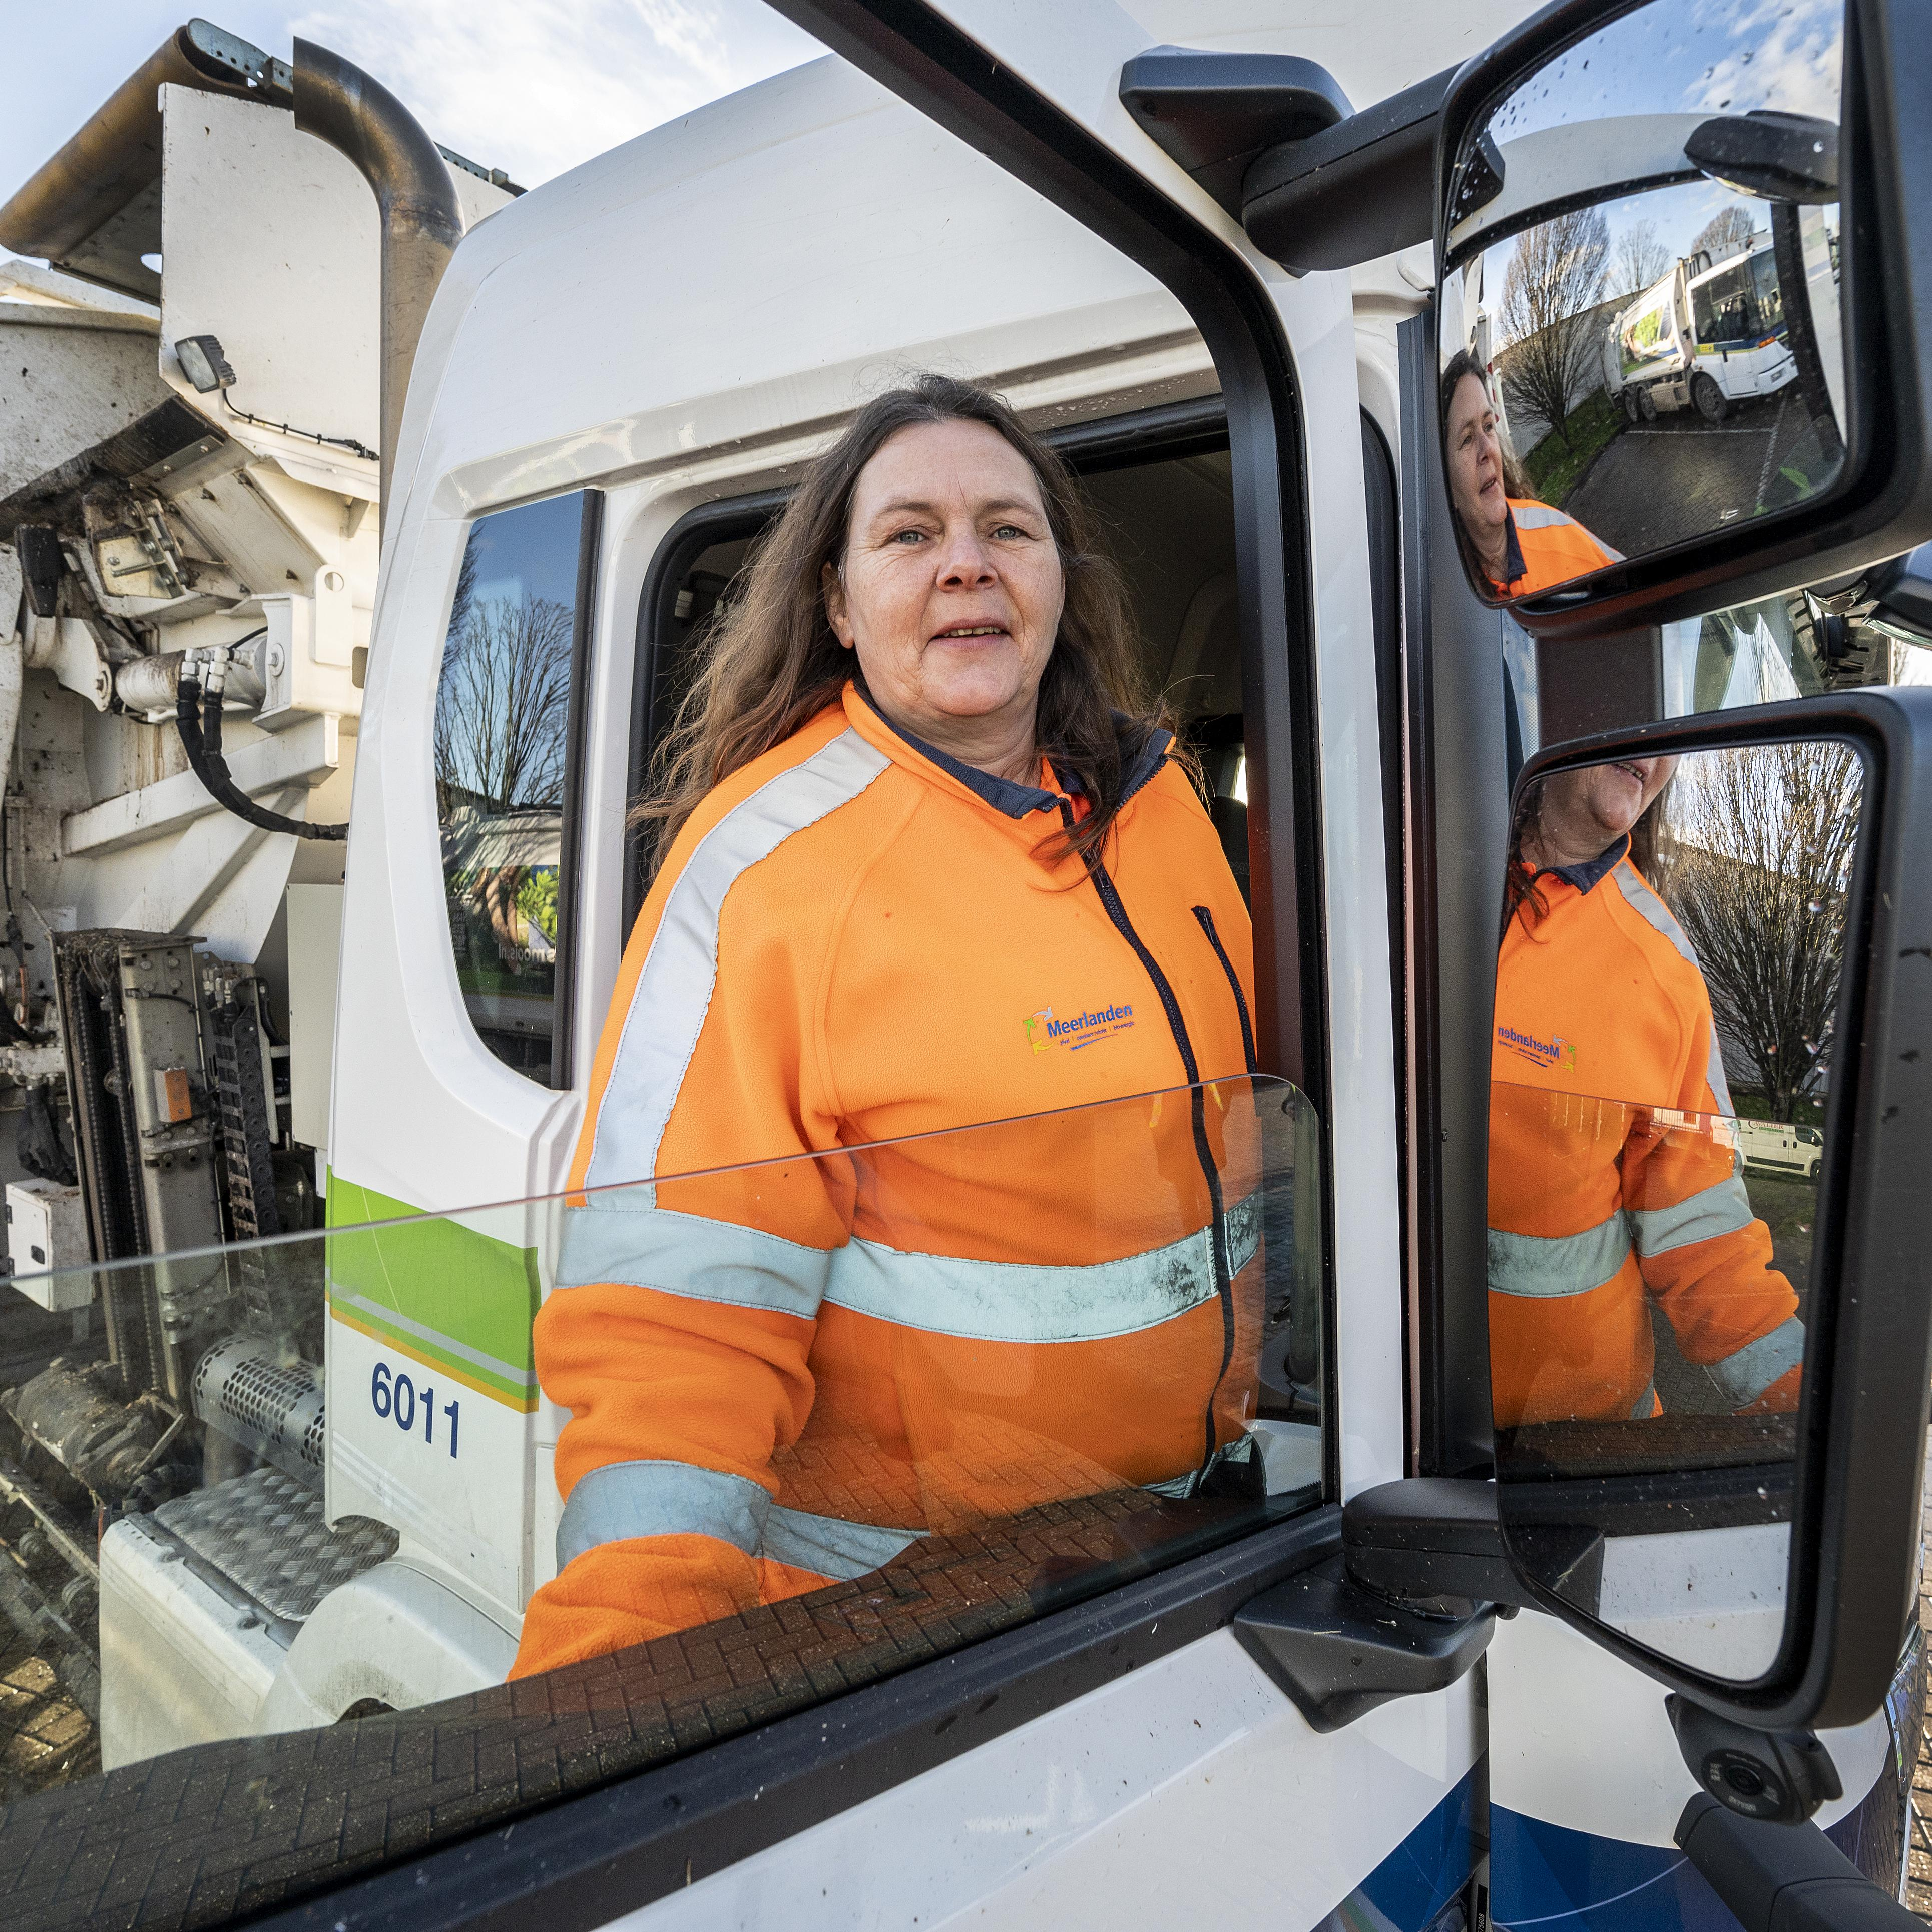 De enige vuilnisvrouw bij Meerlanden is helemaal gelukkig. 'Ik had er zelf nooit aan gedacht, maar het is hartstikke leuk werk'